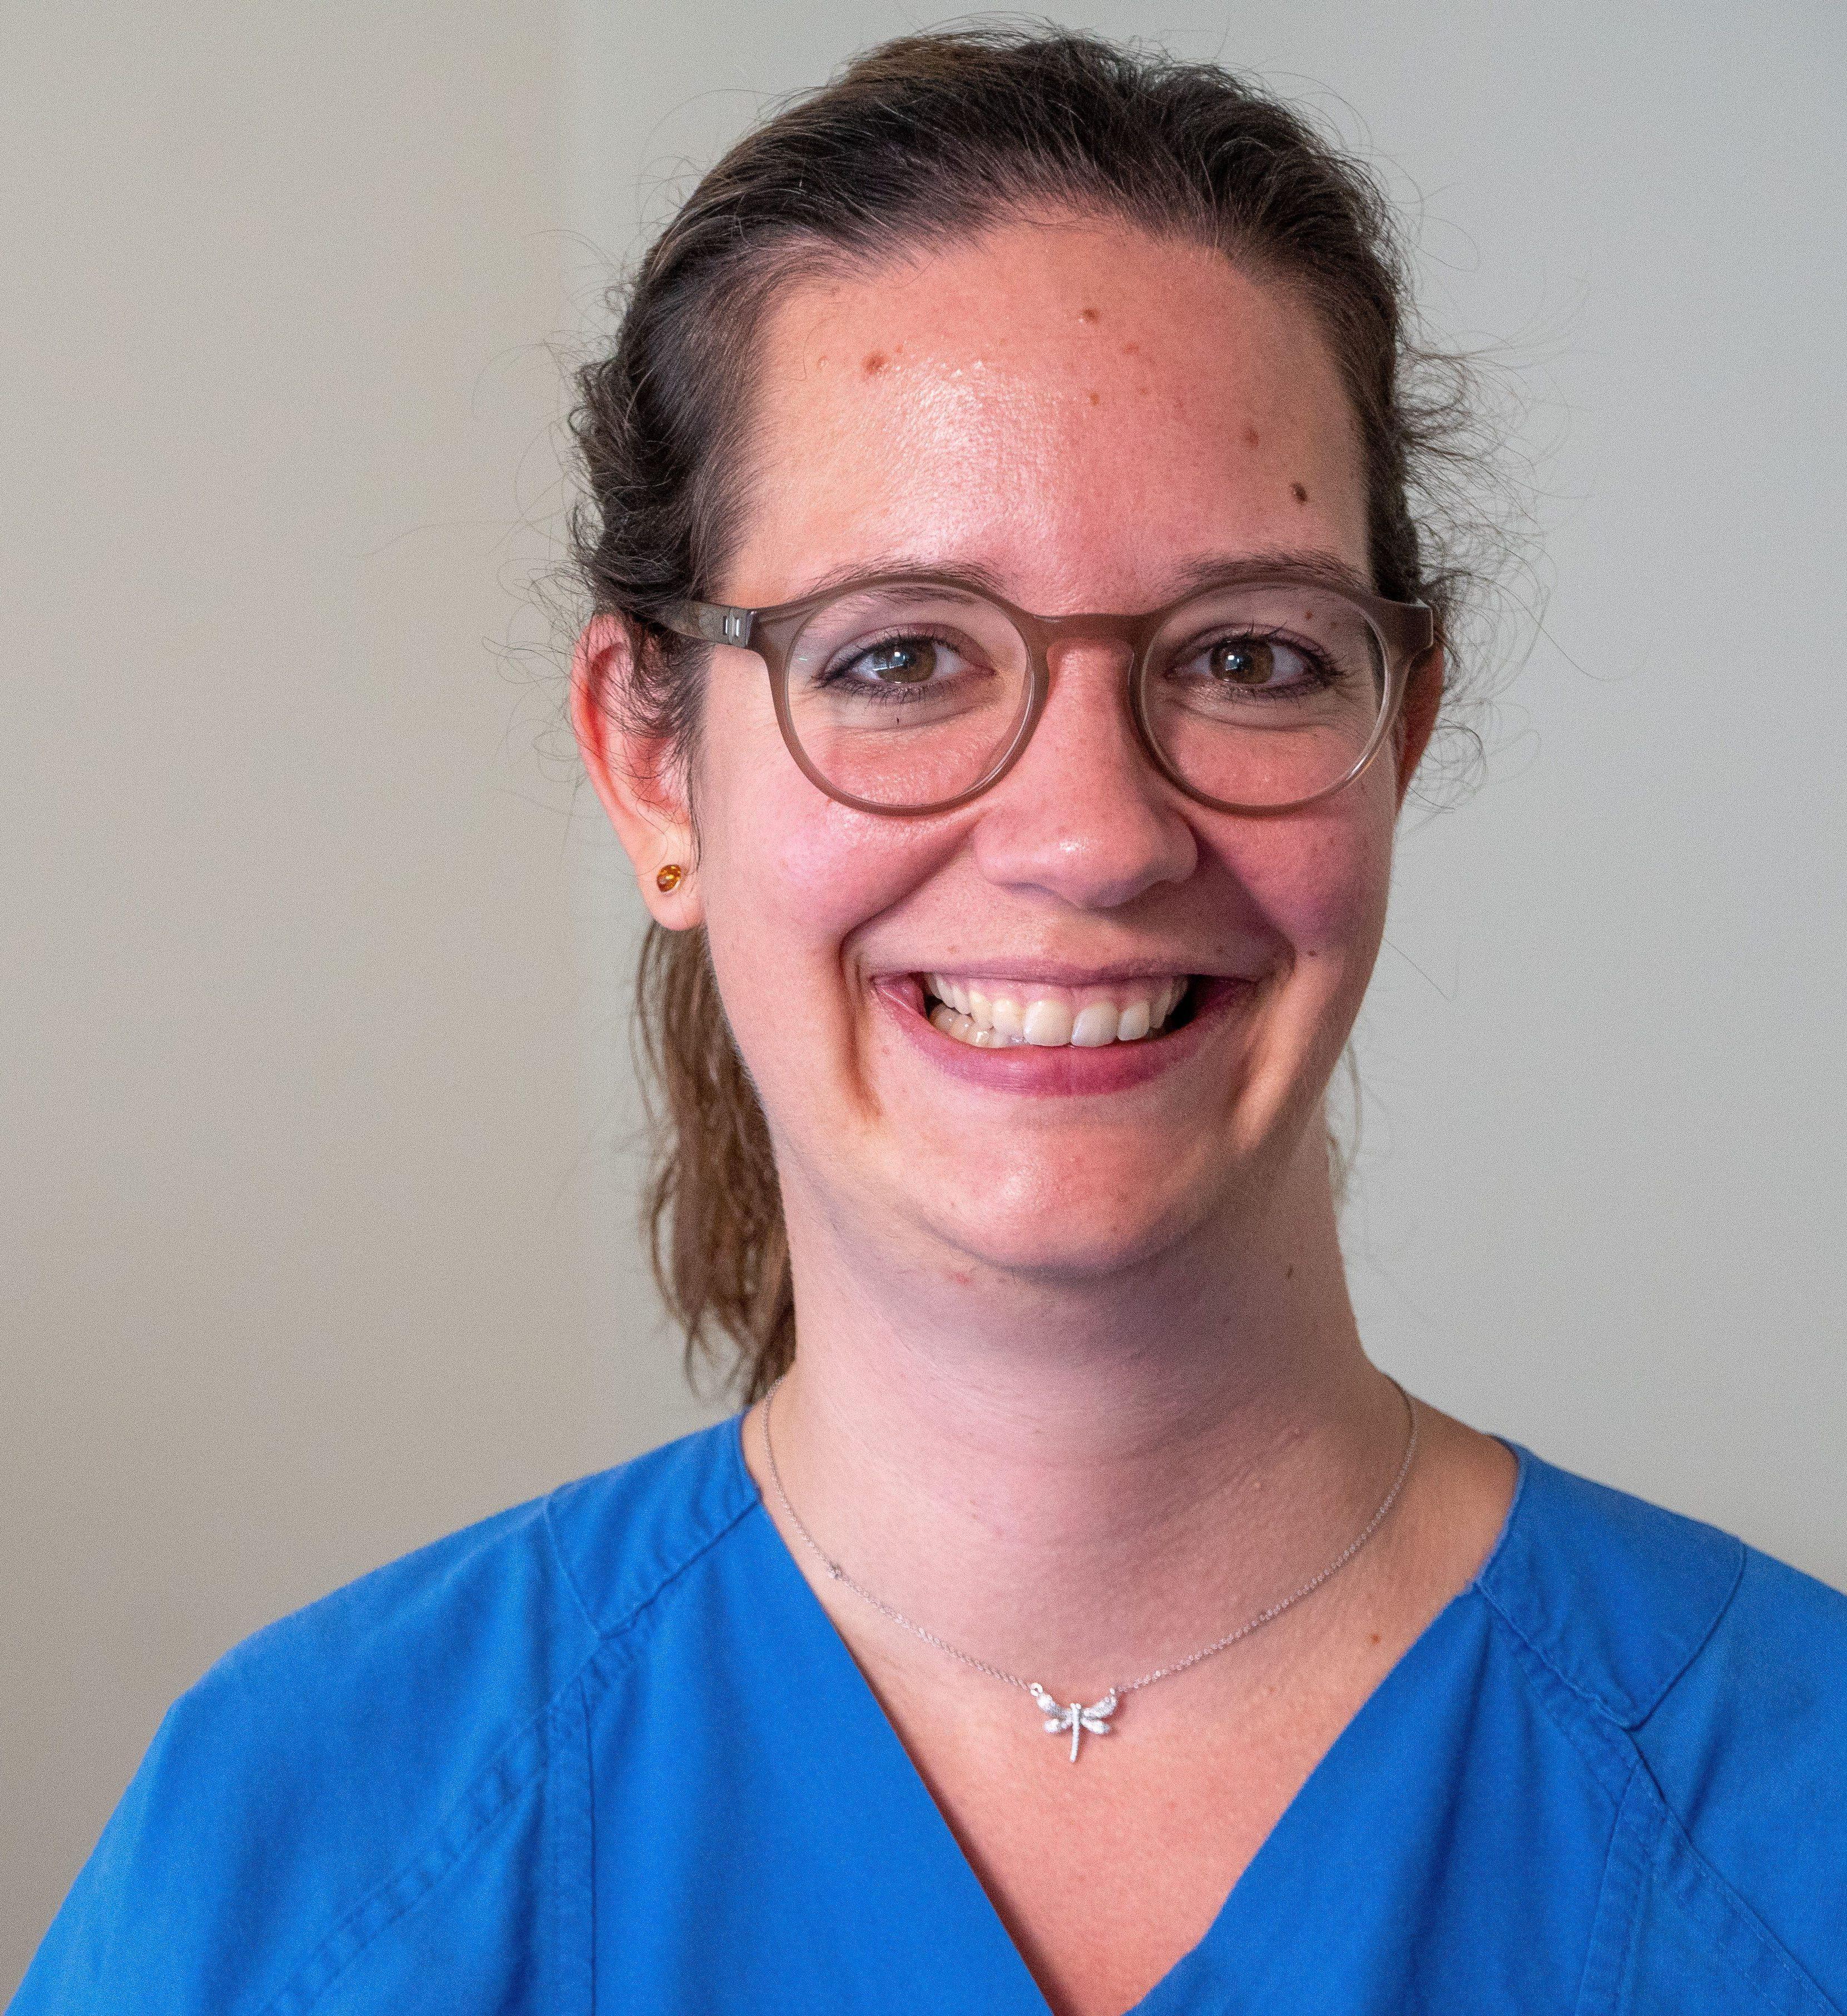 Gesche Kranz ist Kinderkrankenschwester in Berlin und arbeitet in einem Projekt in Eritrea.